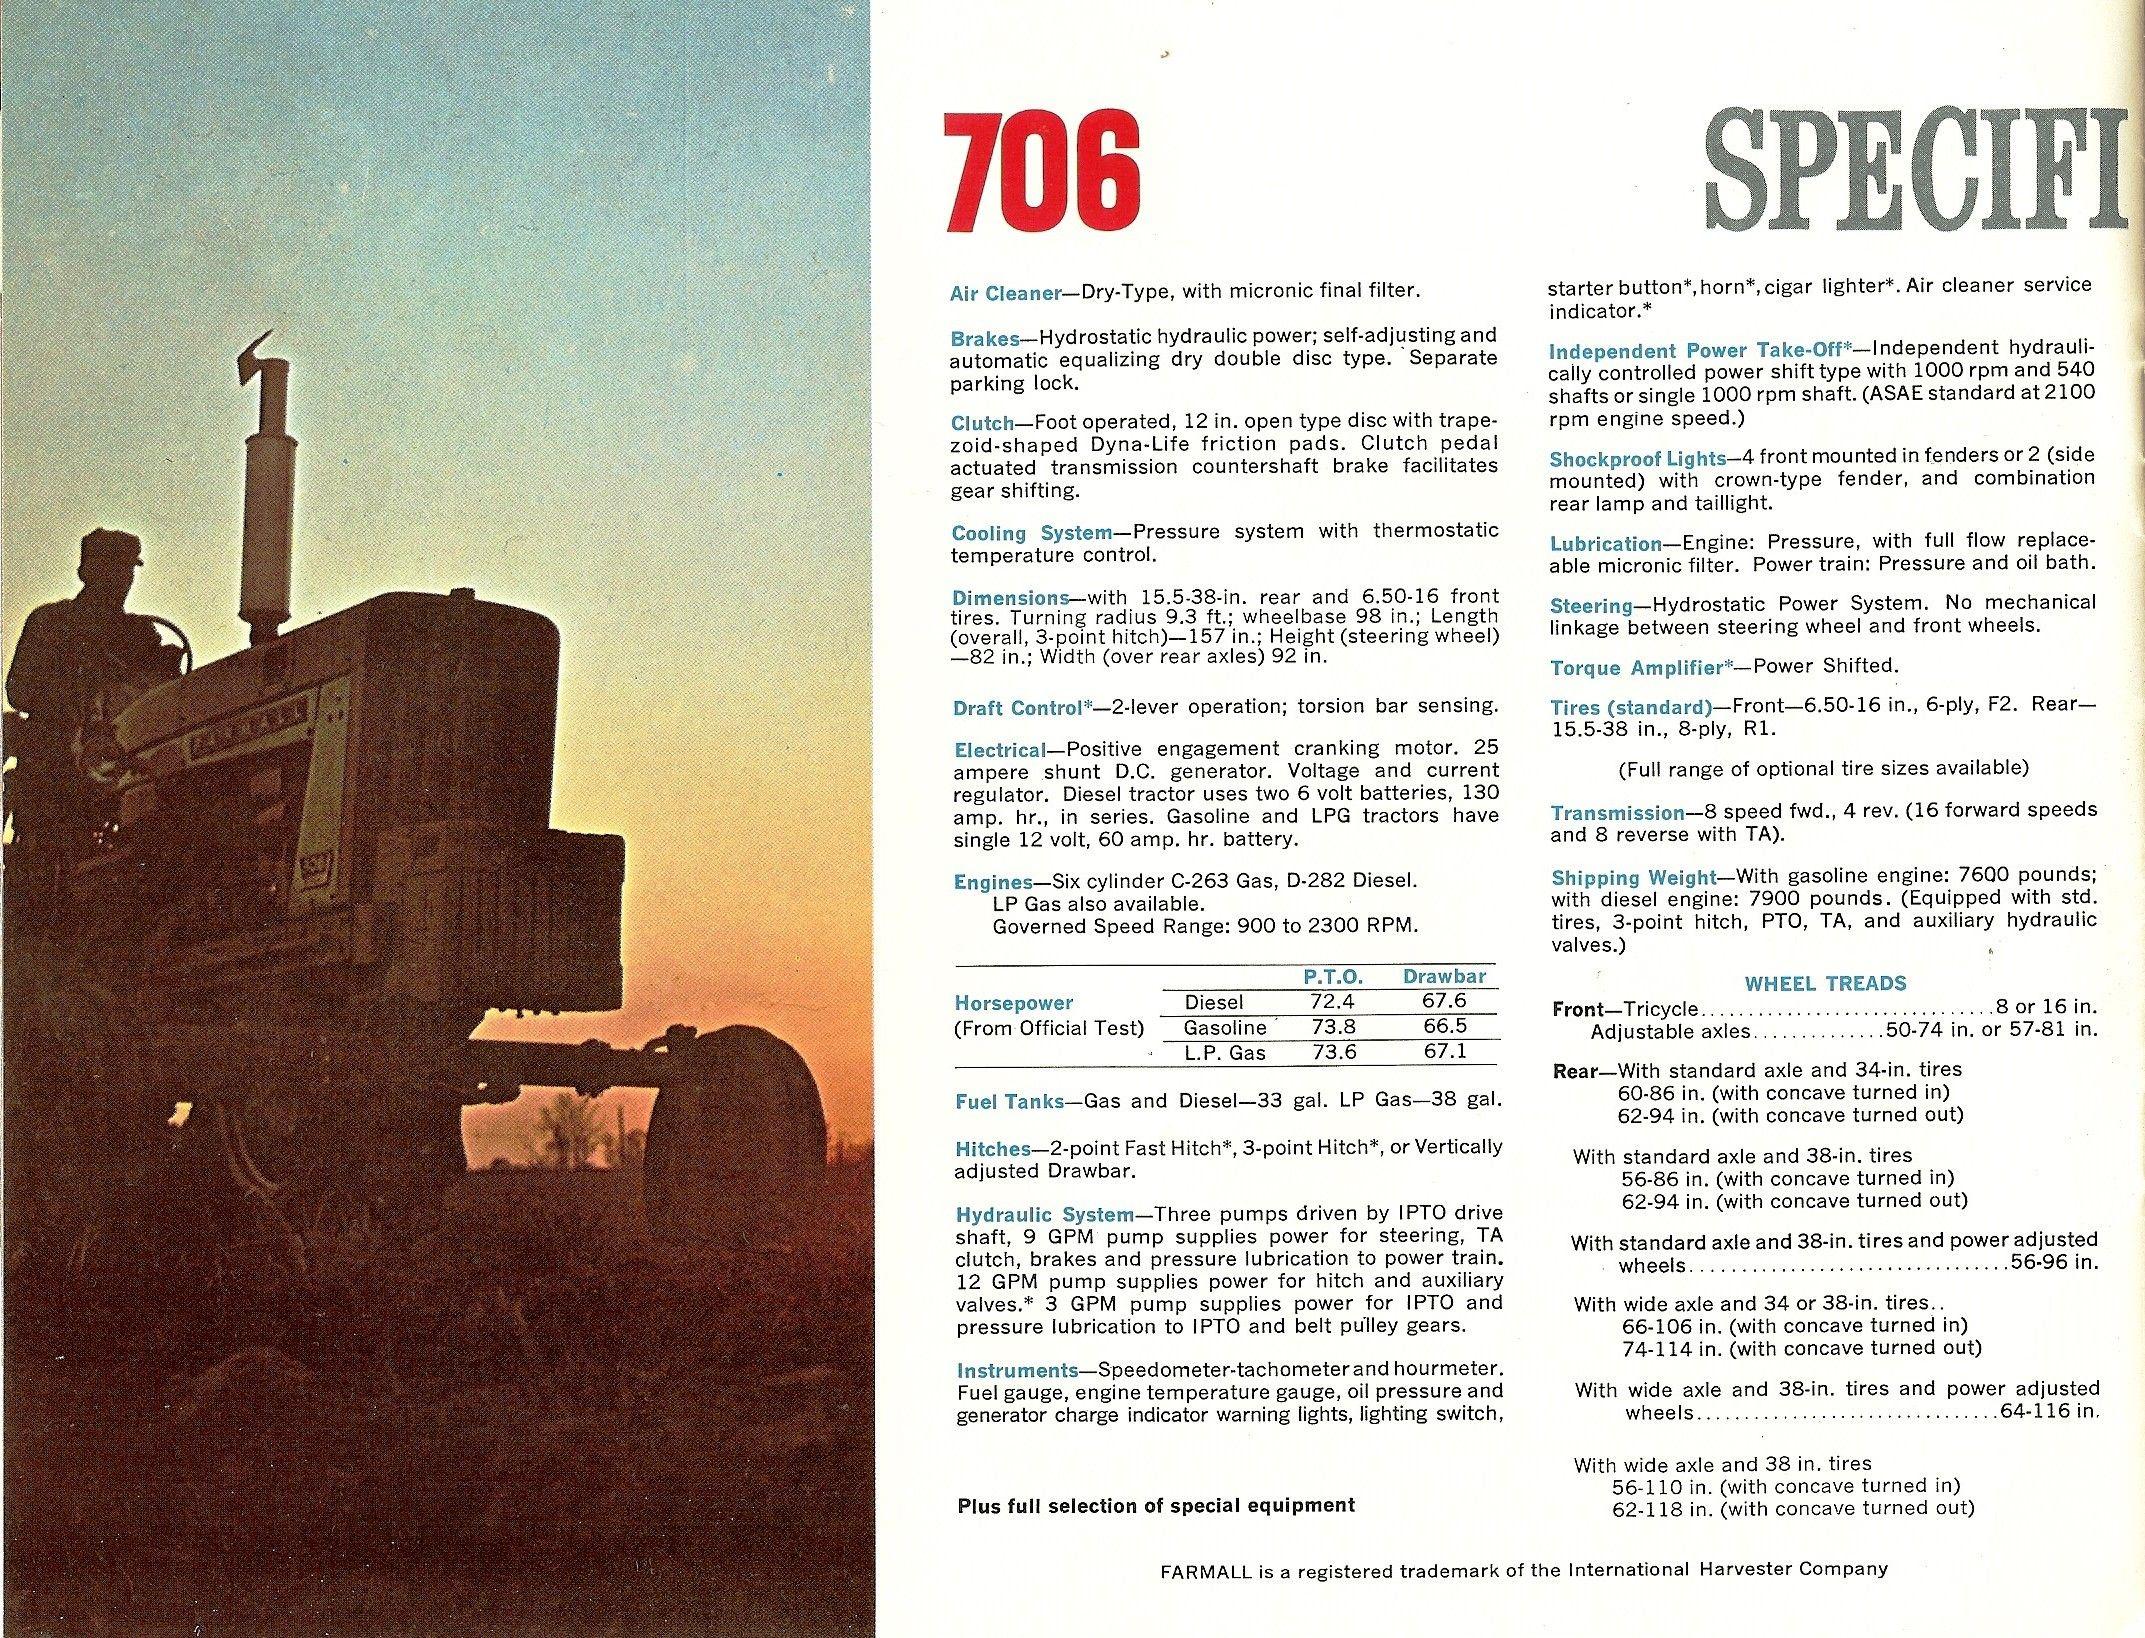 Farmall 706 Specs | International Harvester Advertising